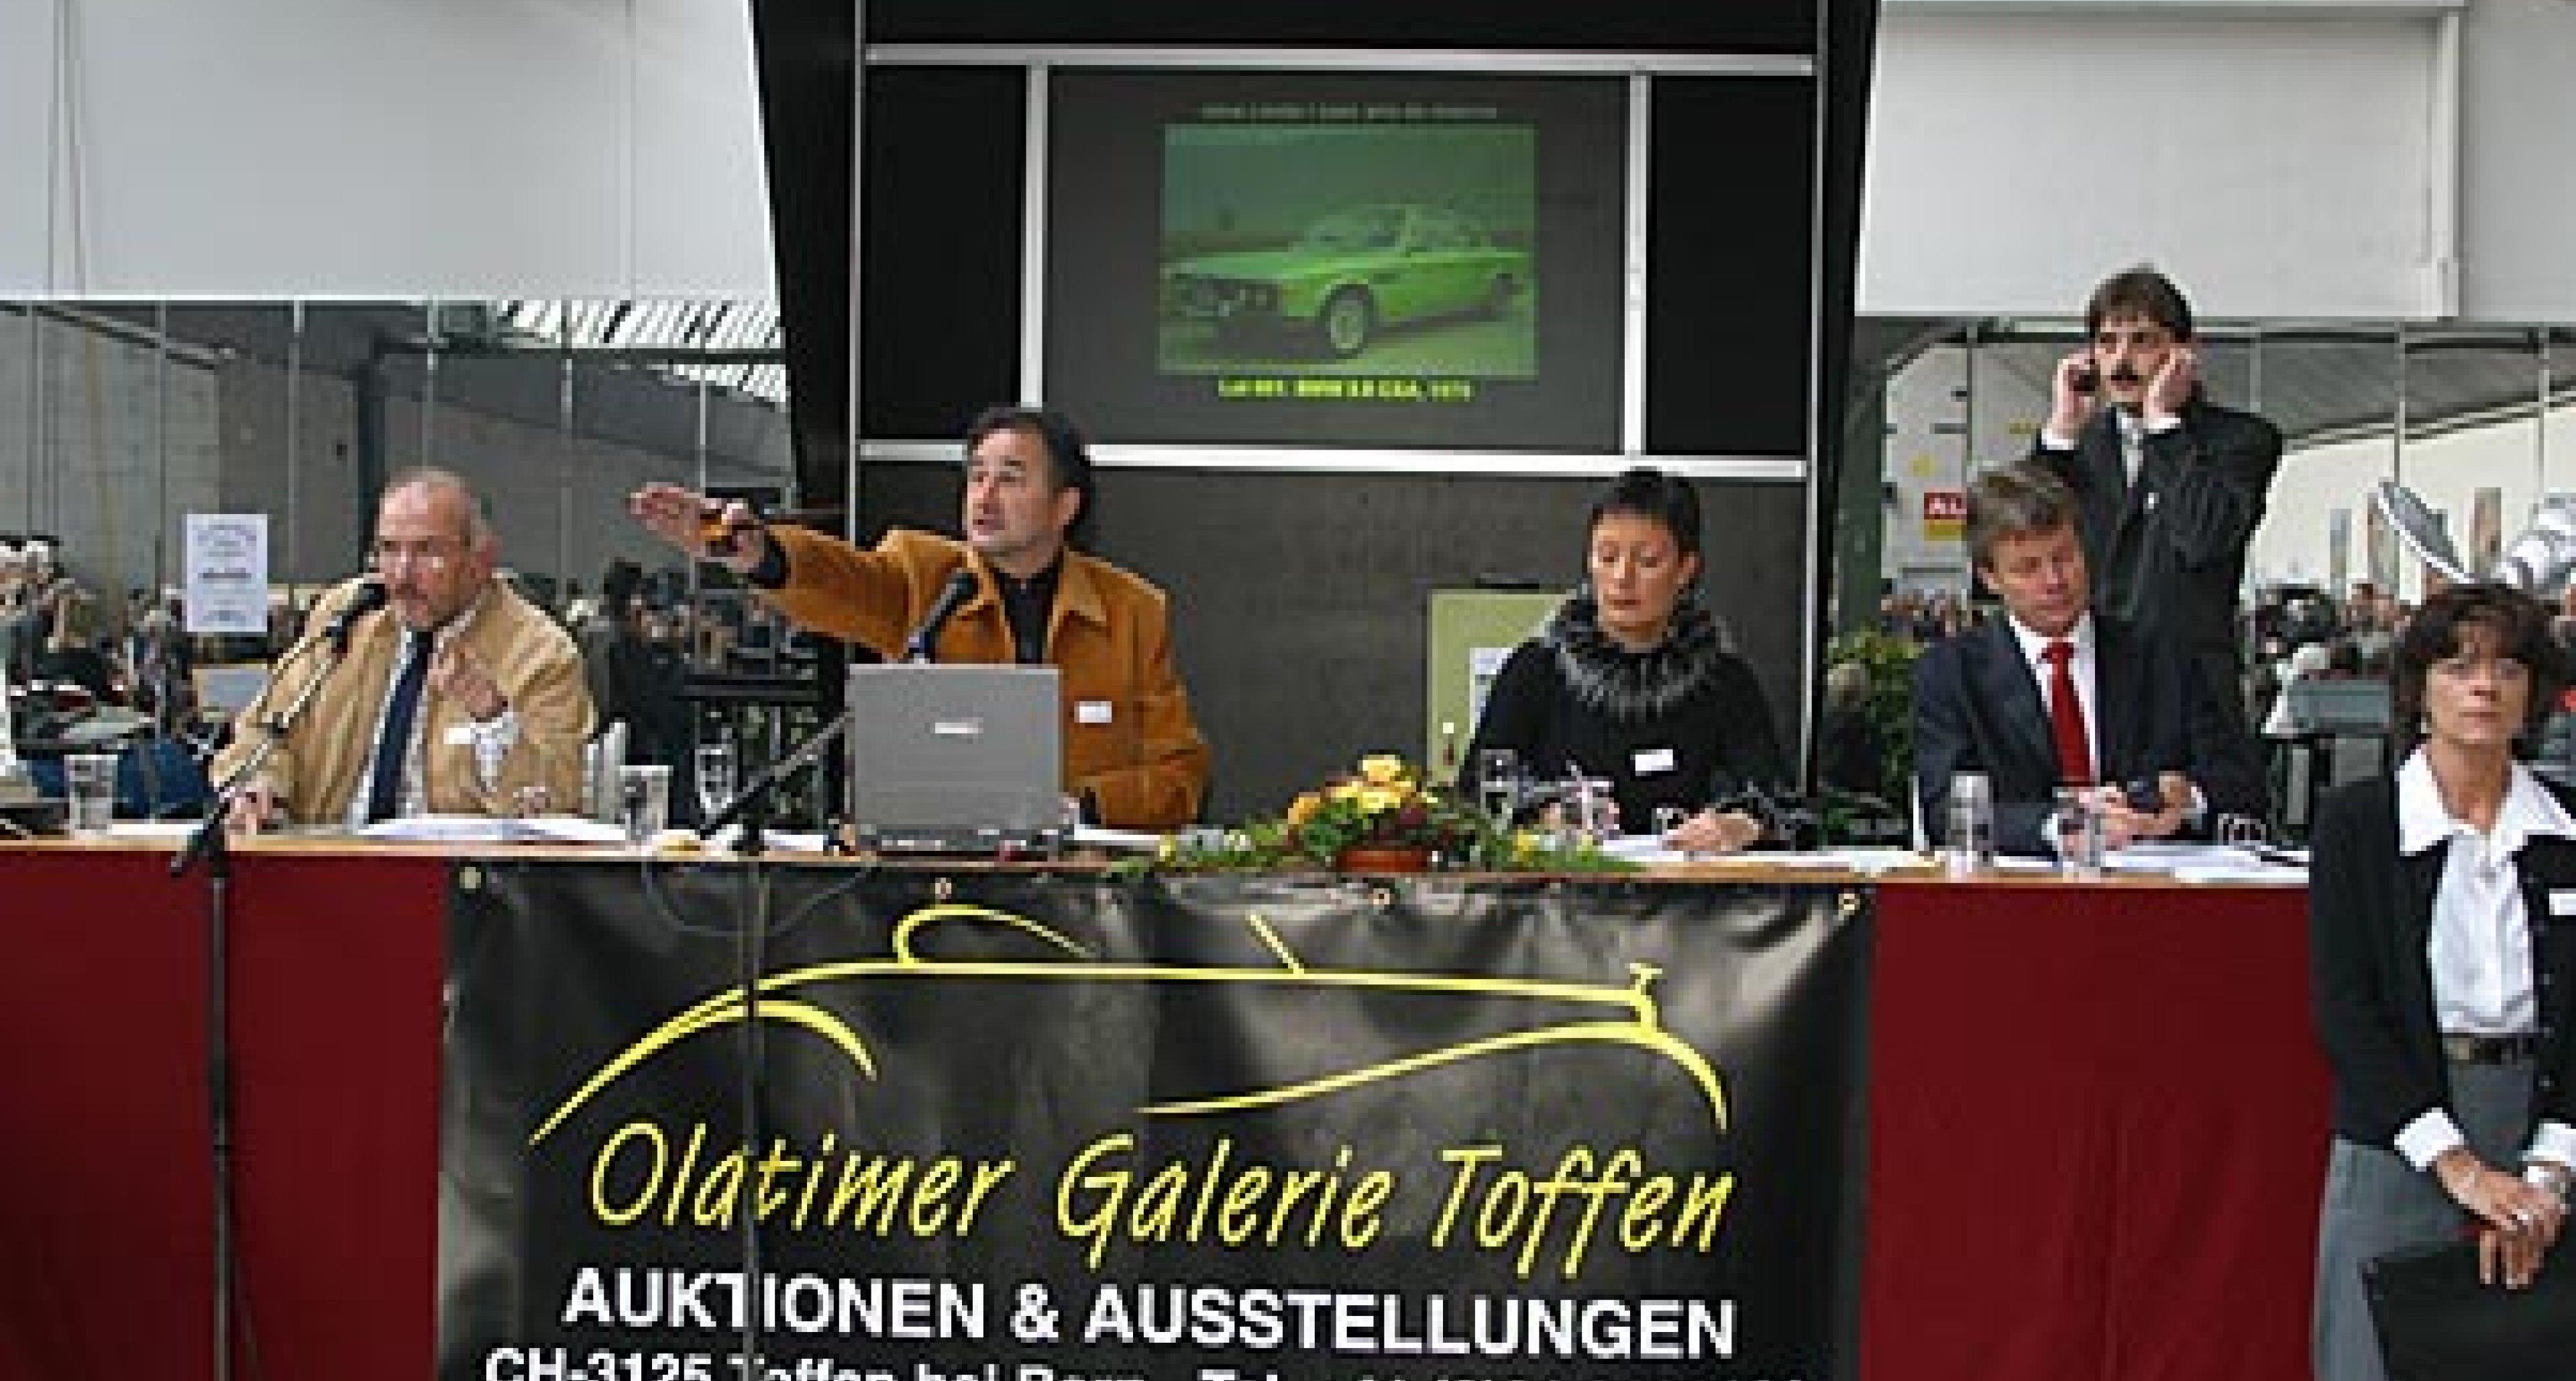 100 Klassische Automobile bei der Oldtimer Galerie Toffen, Schweiz 2003 - Rückblick